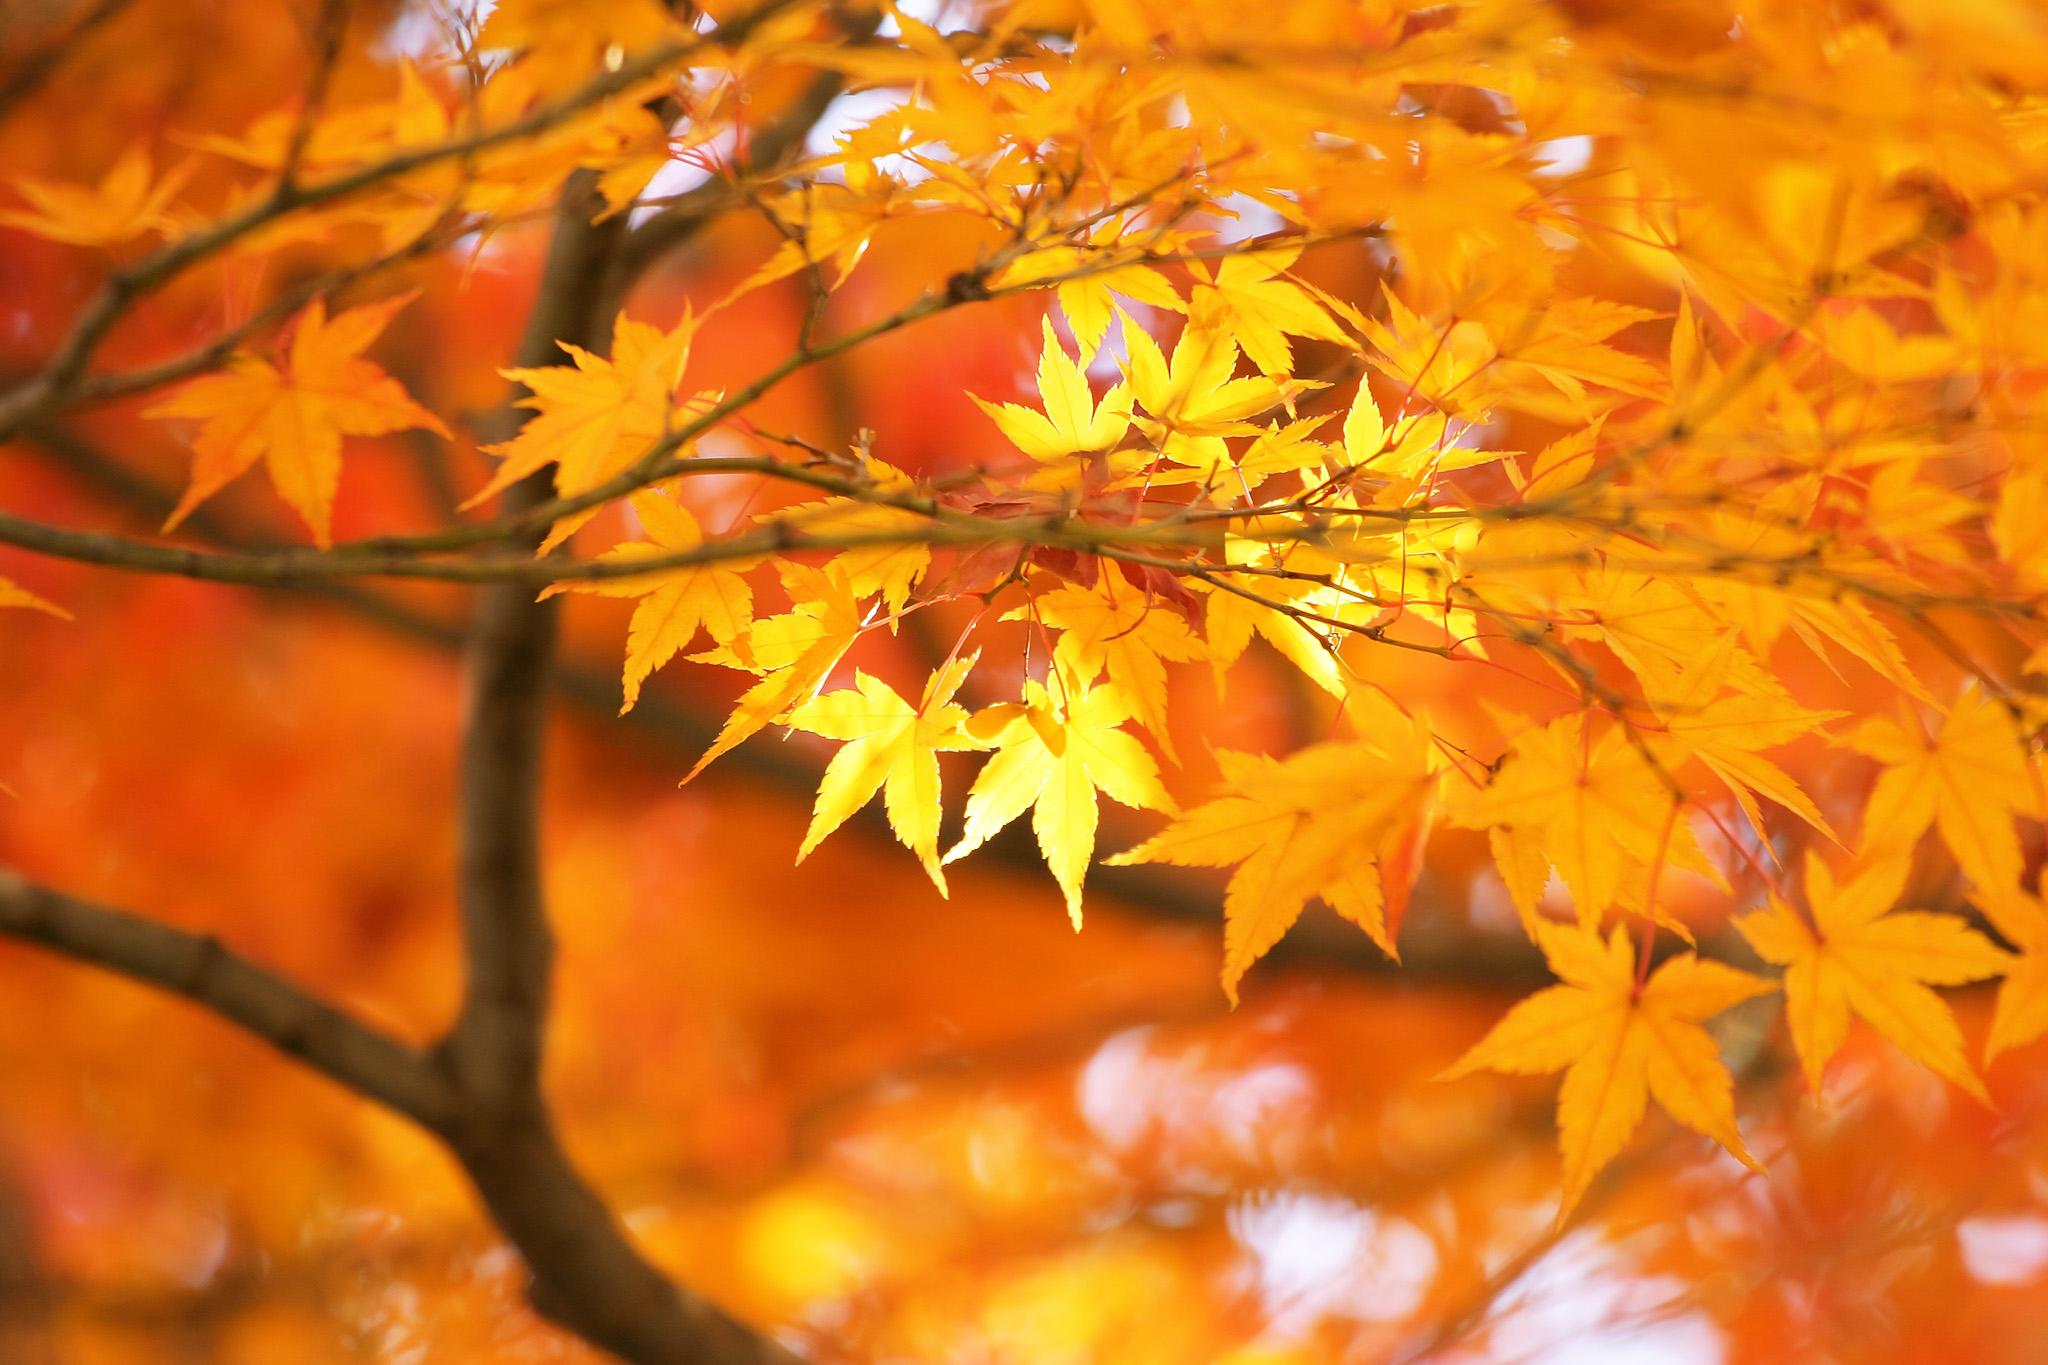 「金色に輝く美しい秋の木々」